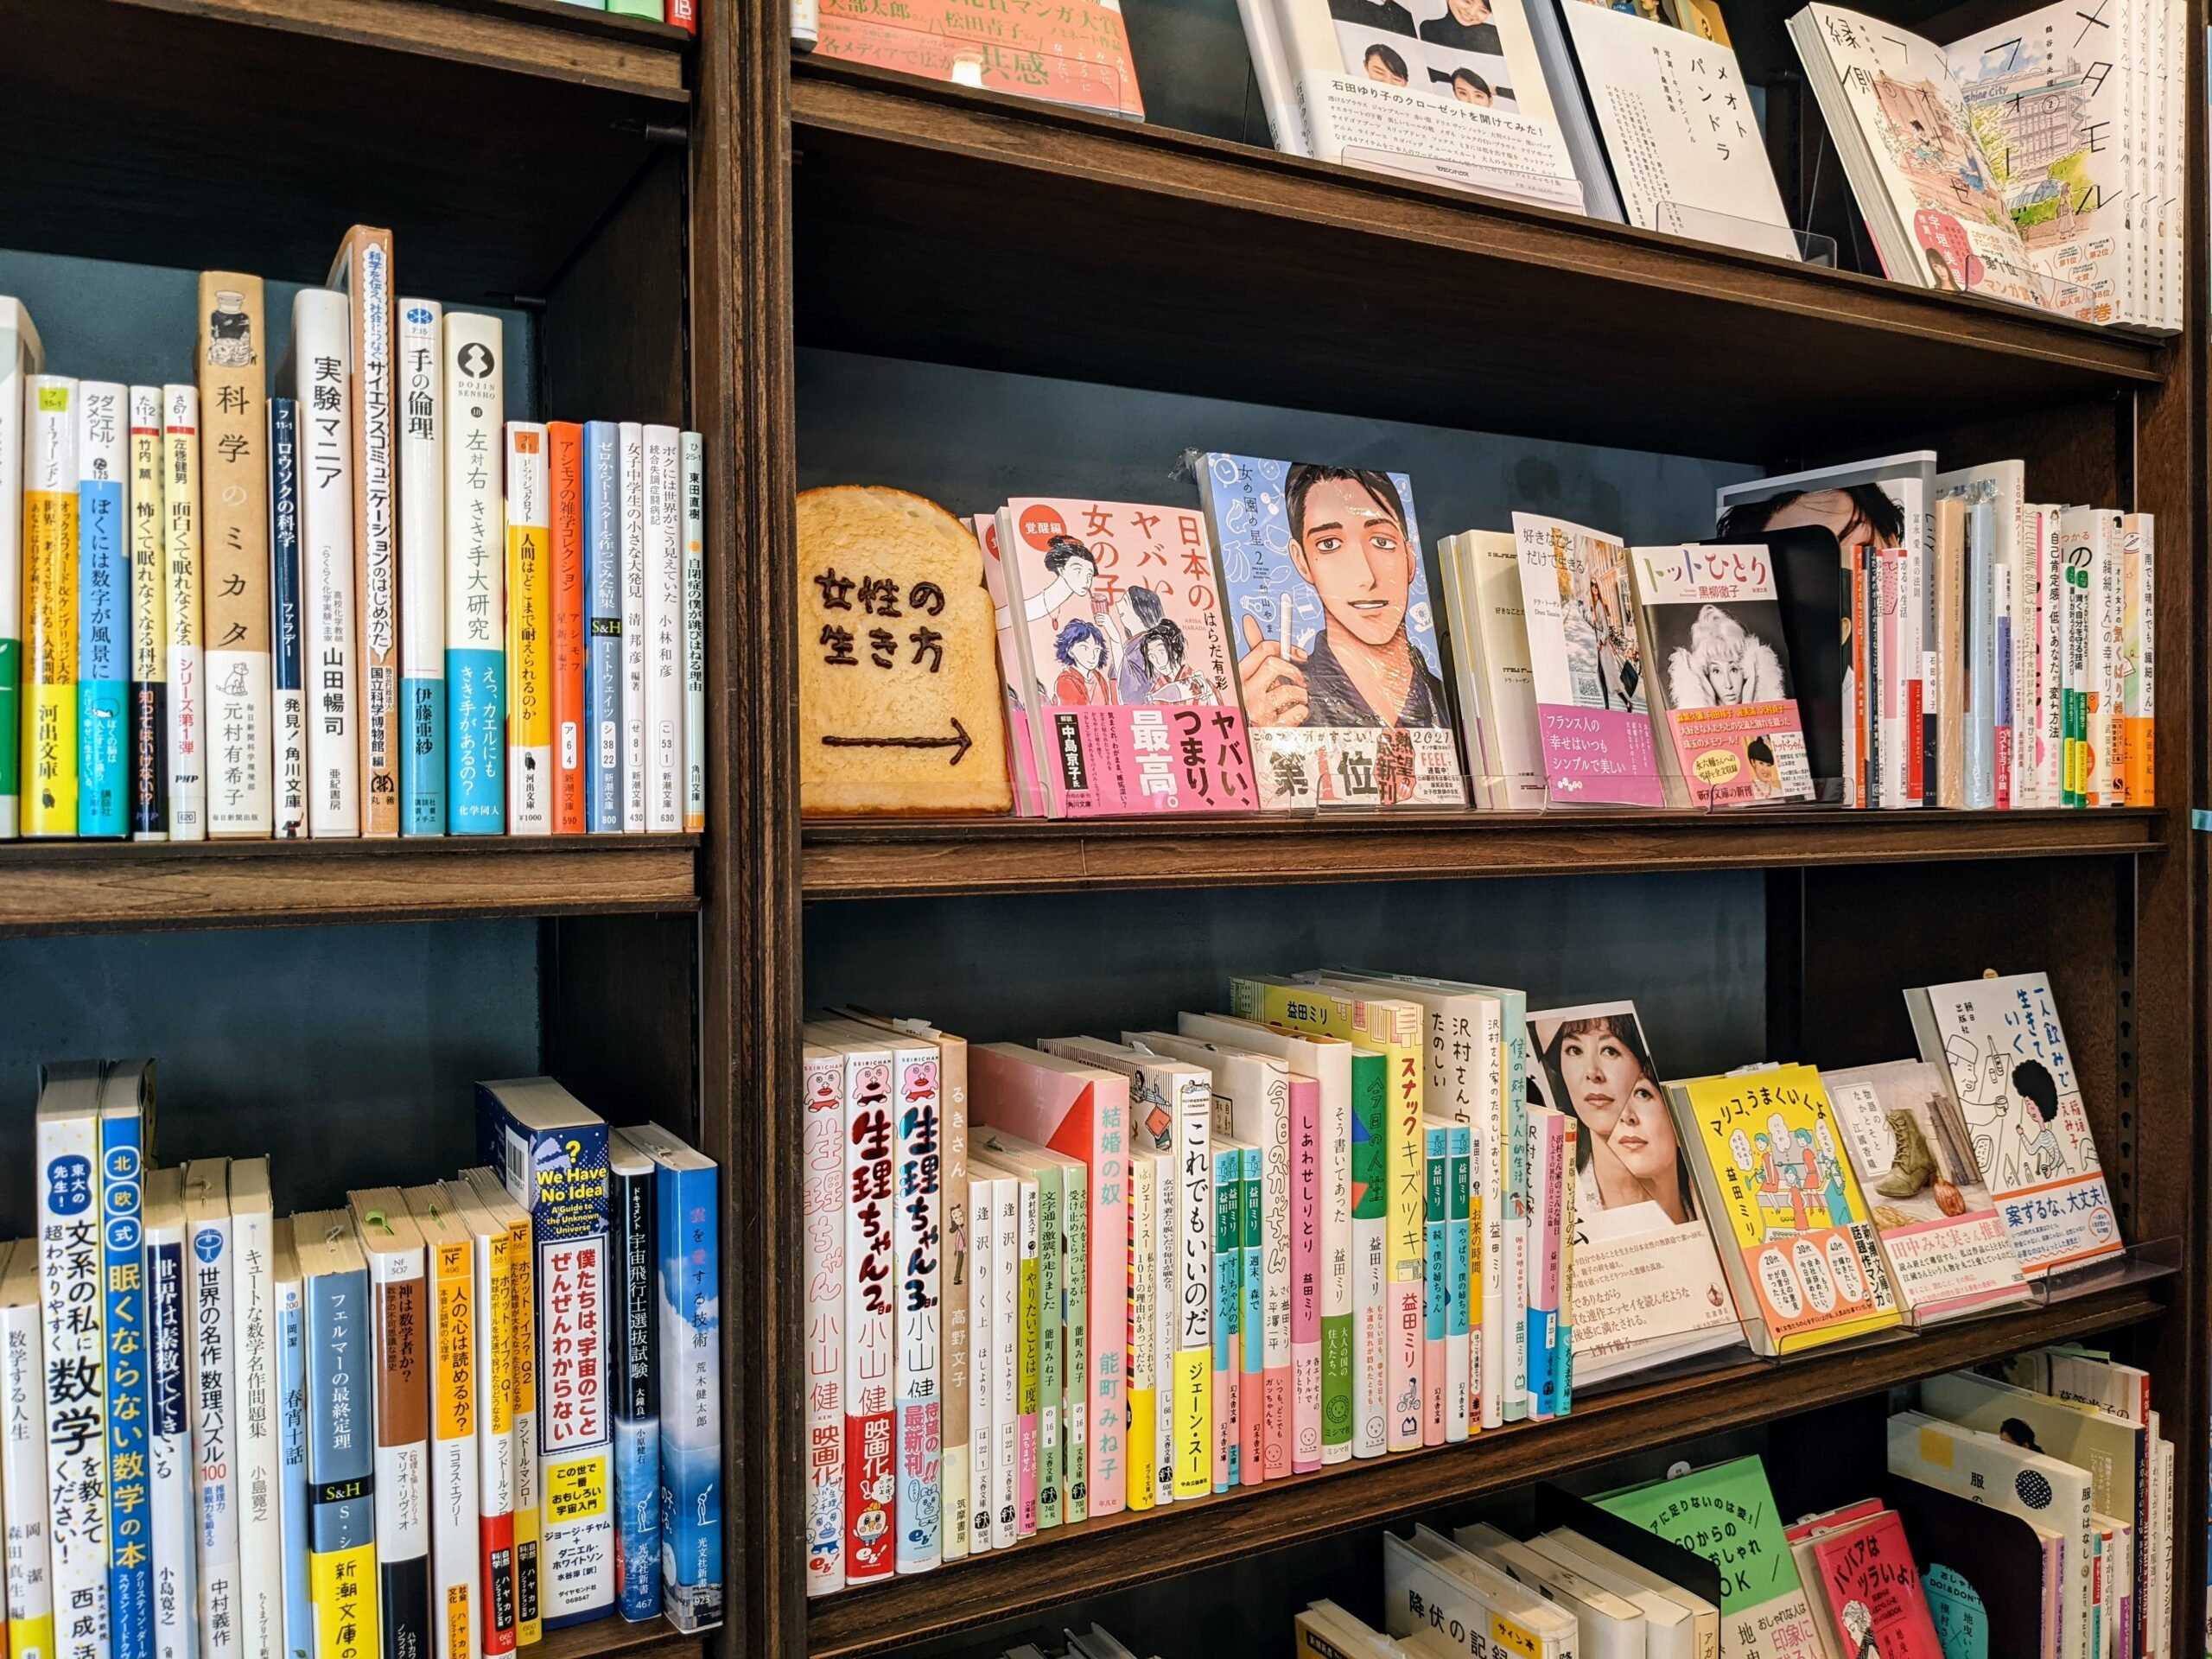 パン屋の本屋 「女性の生き方」コーナー